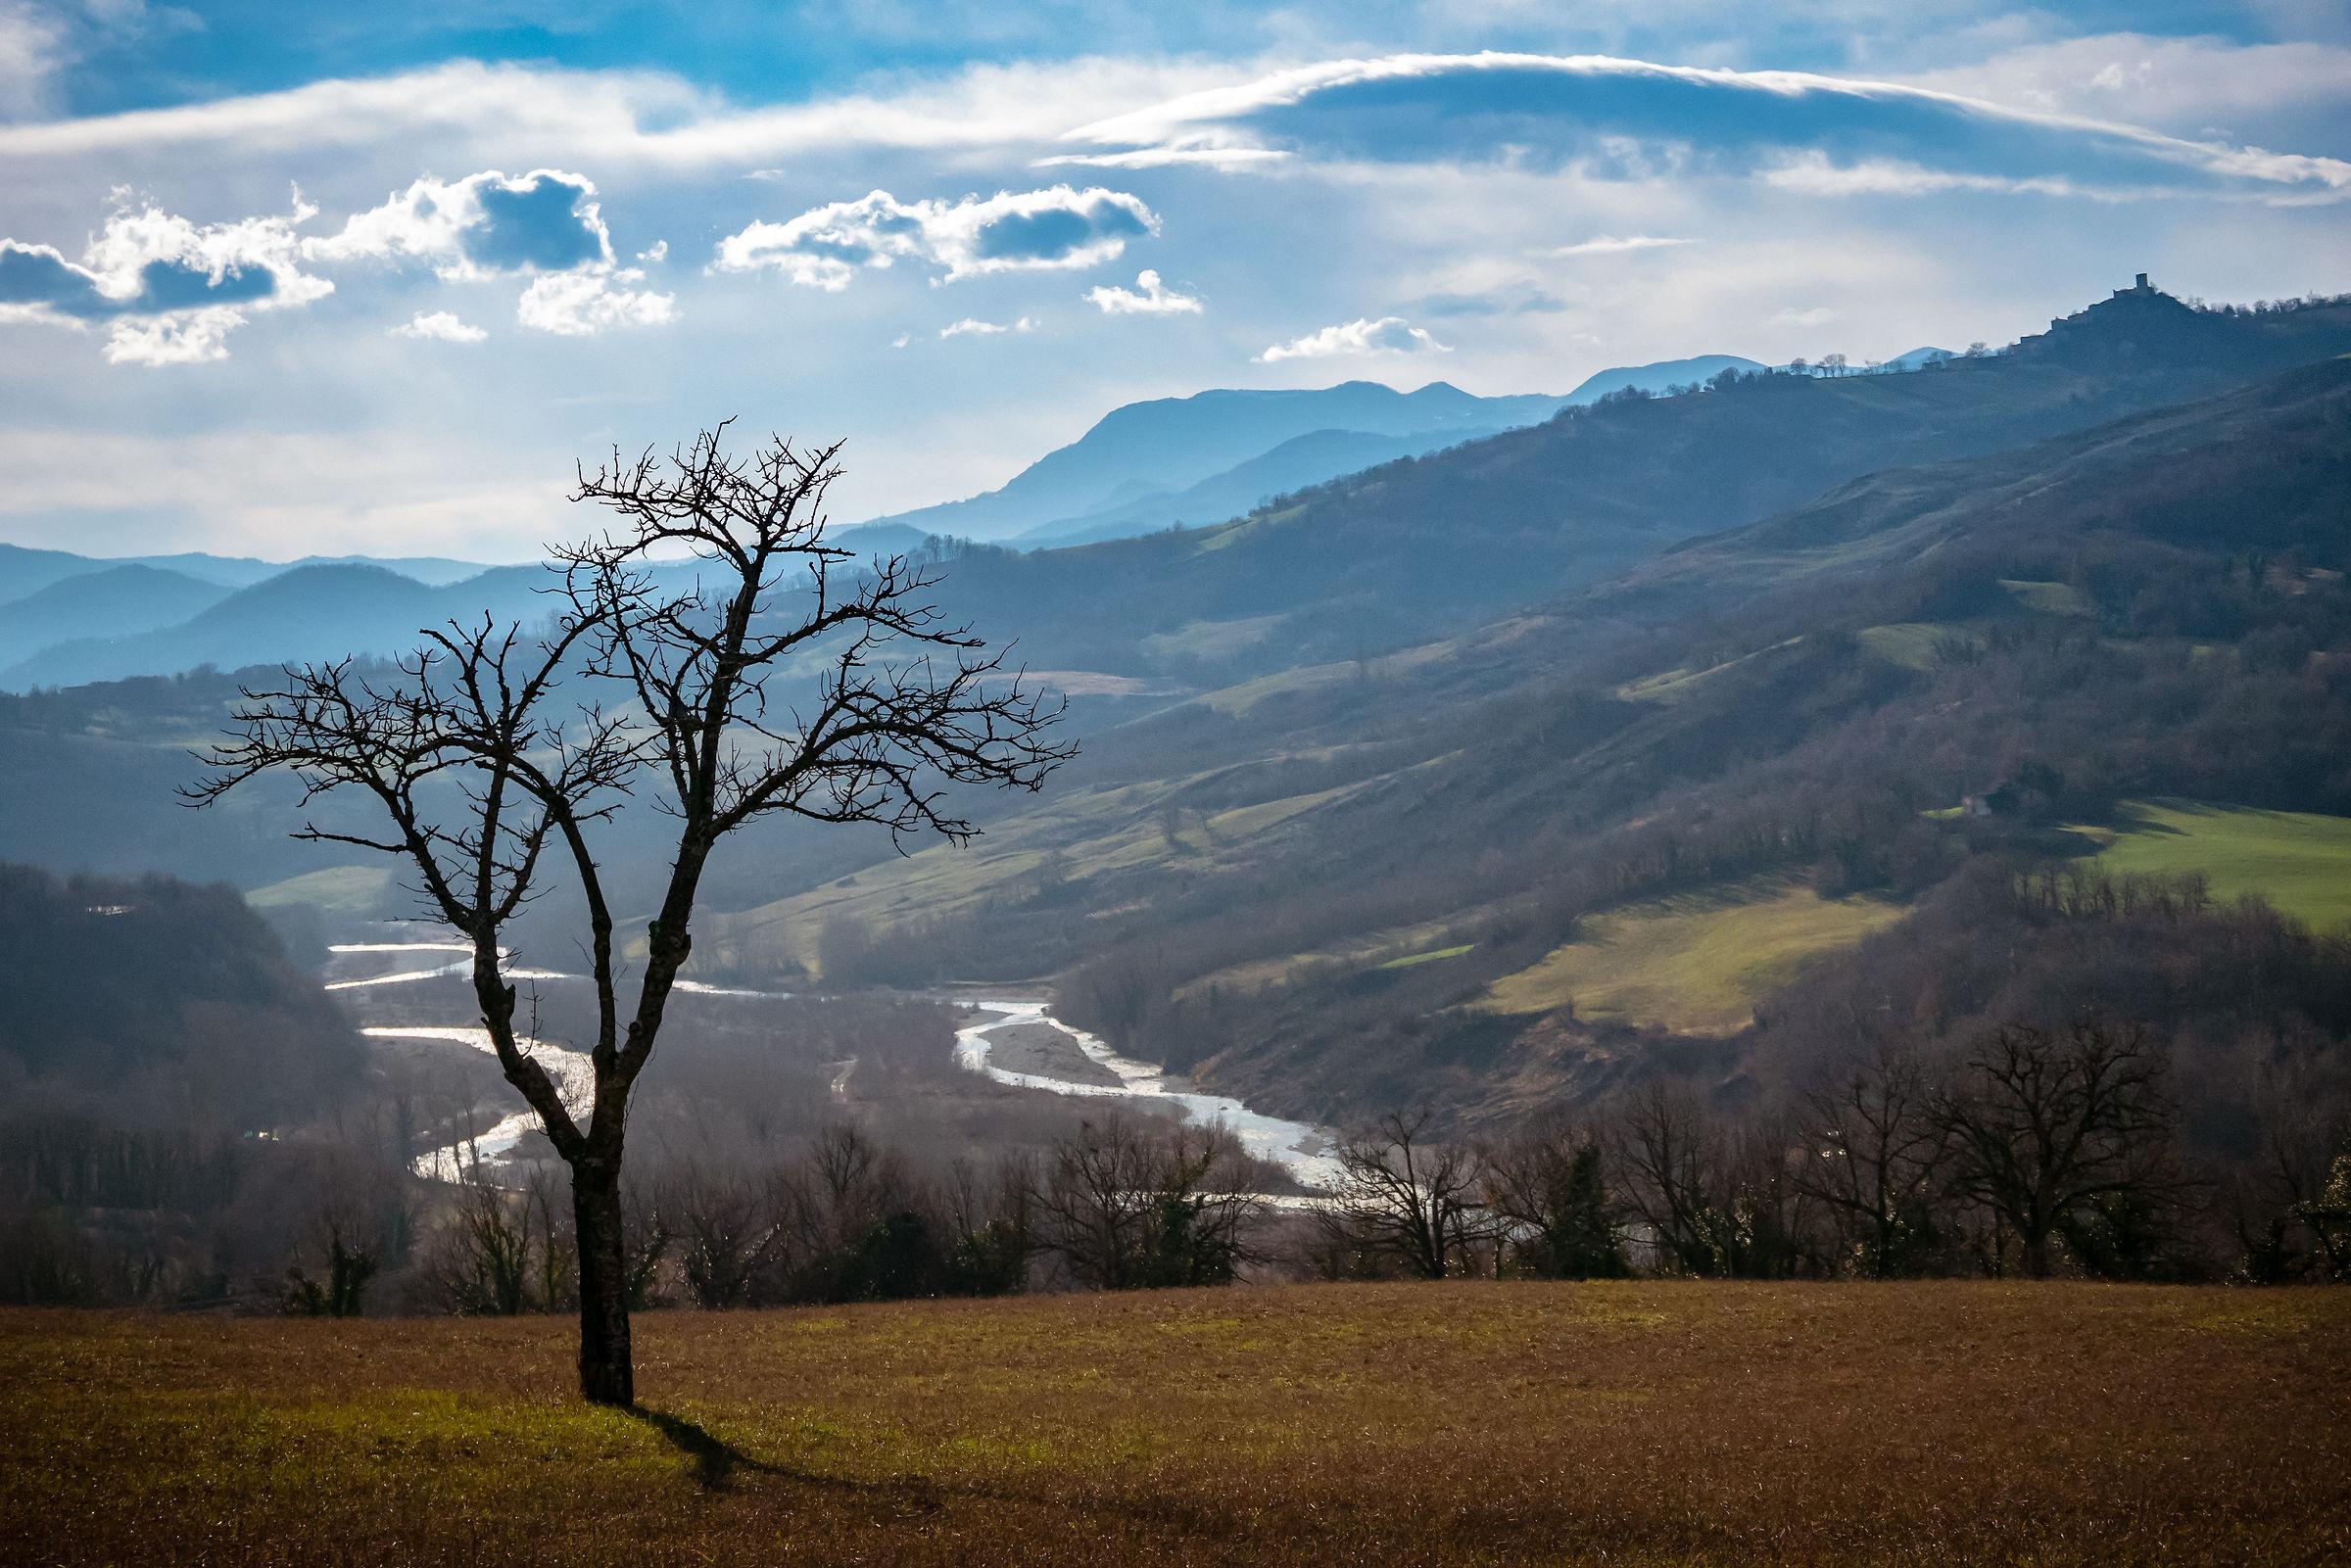 The Marecchia River...